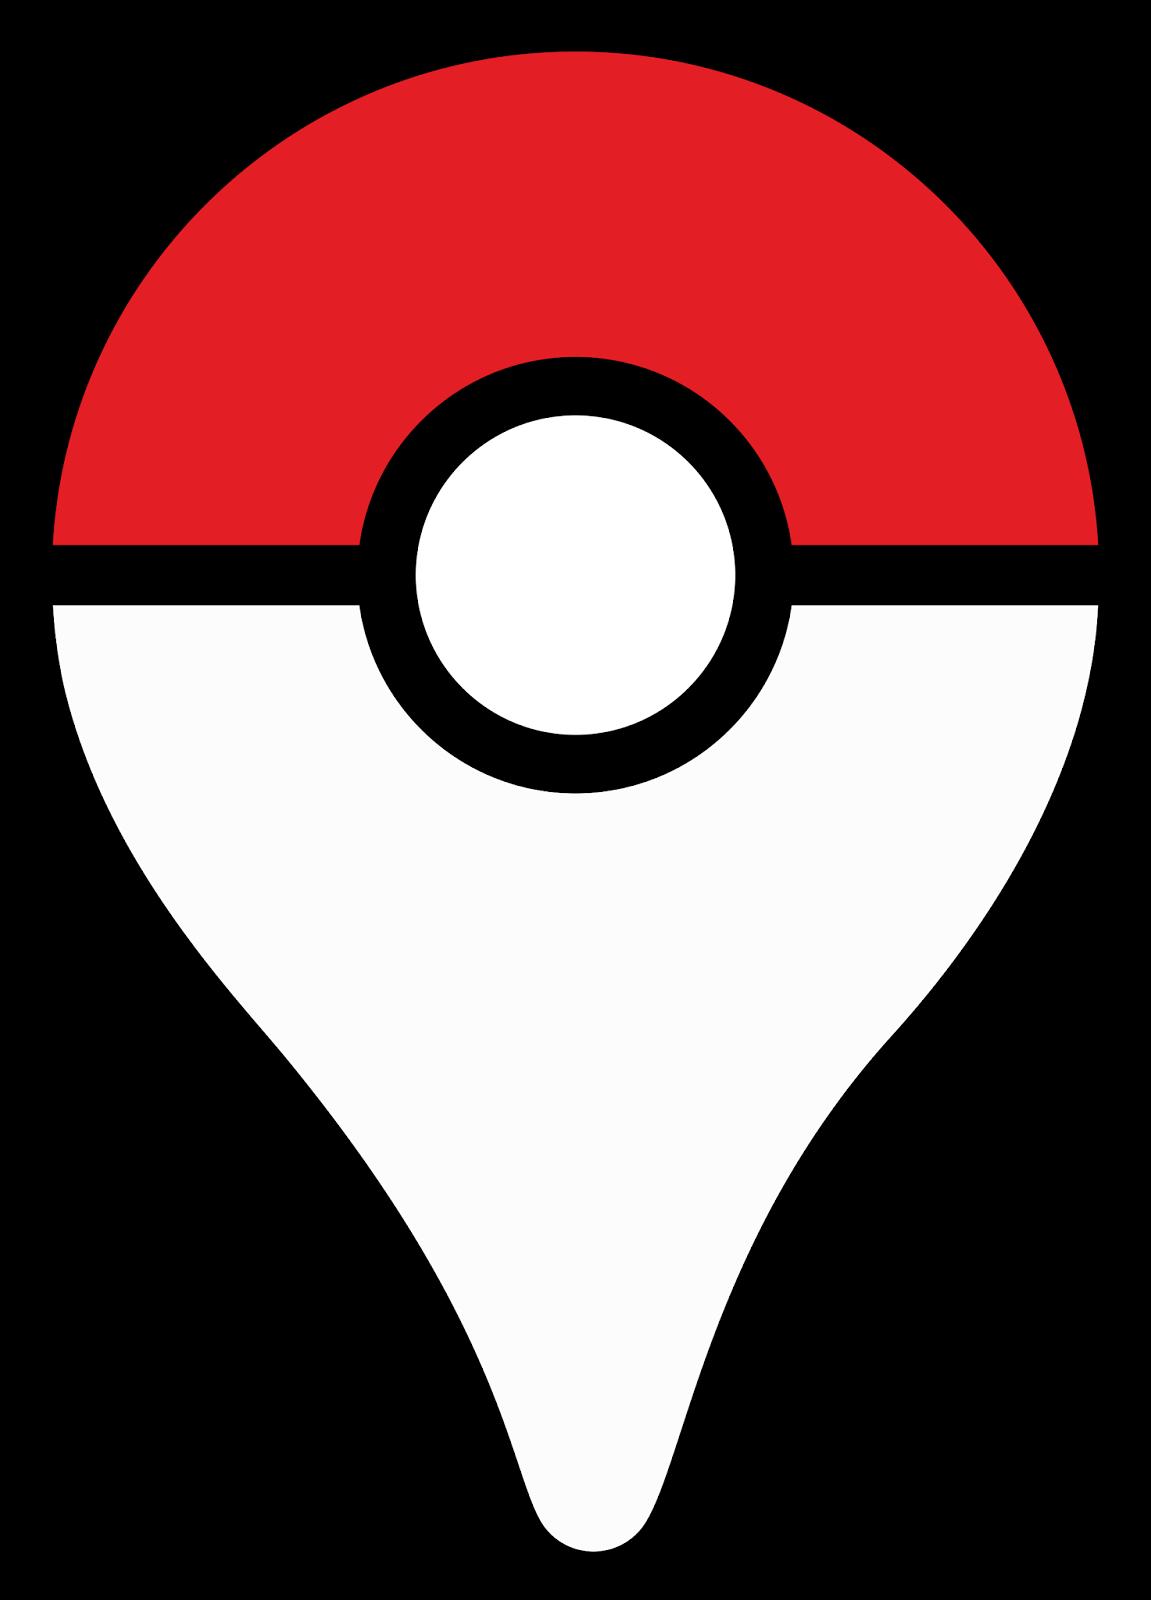 Pokemon Go Galeria de Imagens Aniversário pokemon